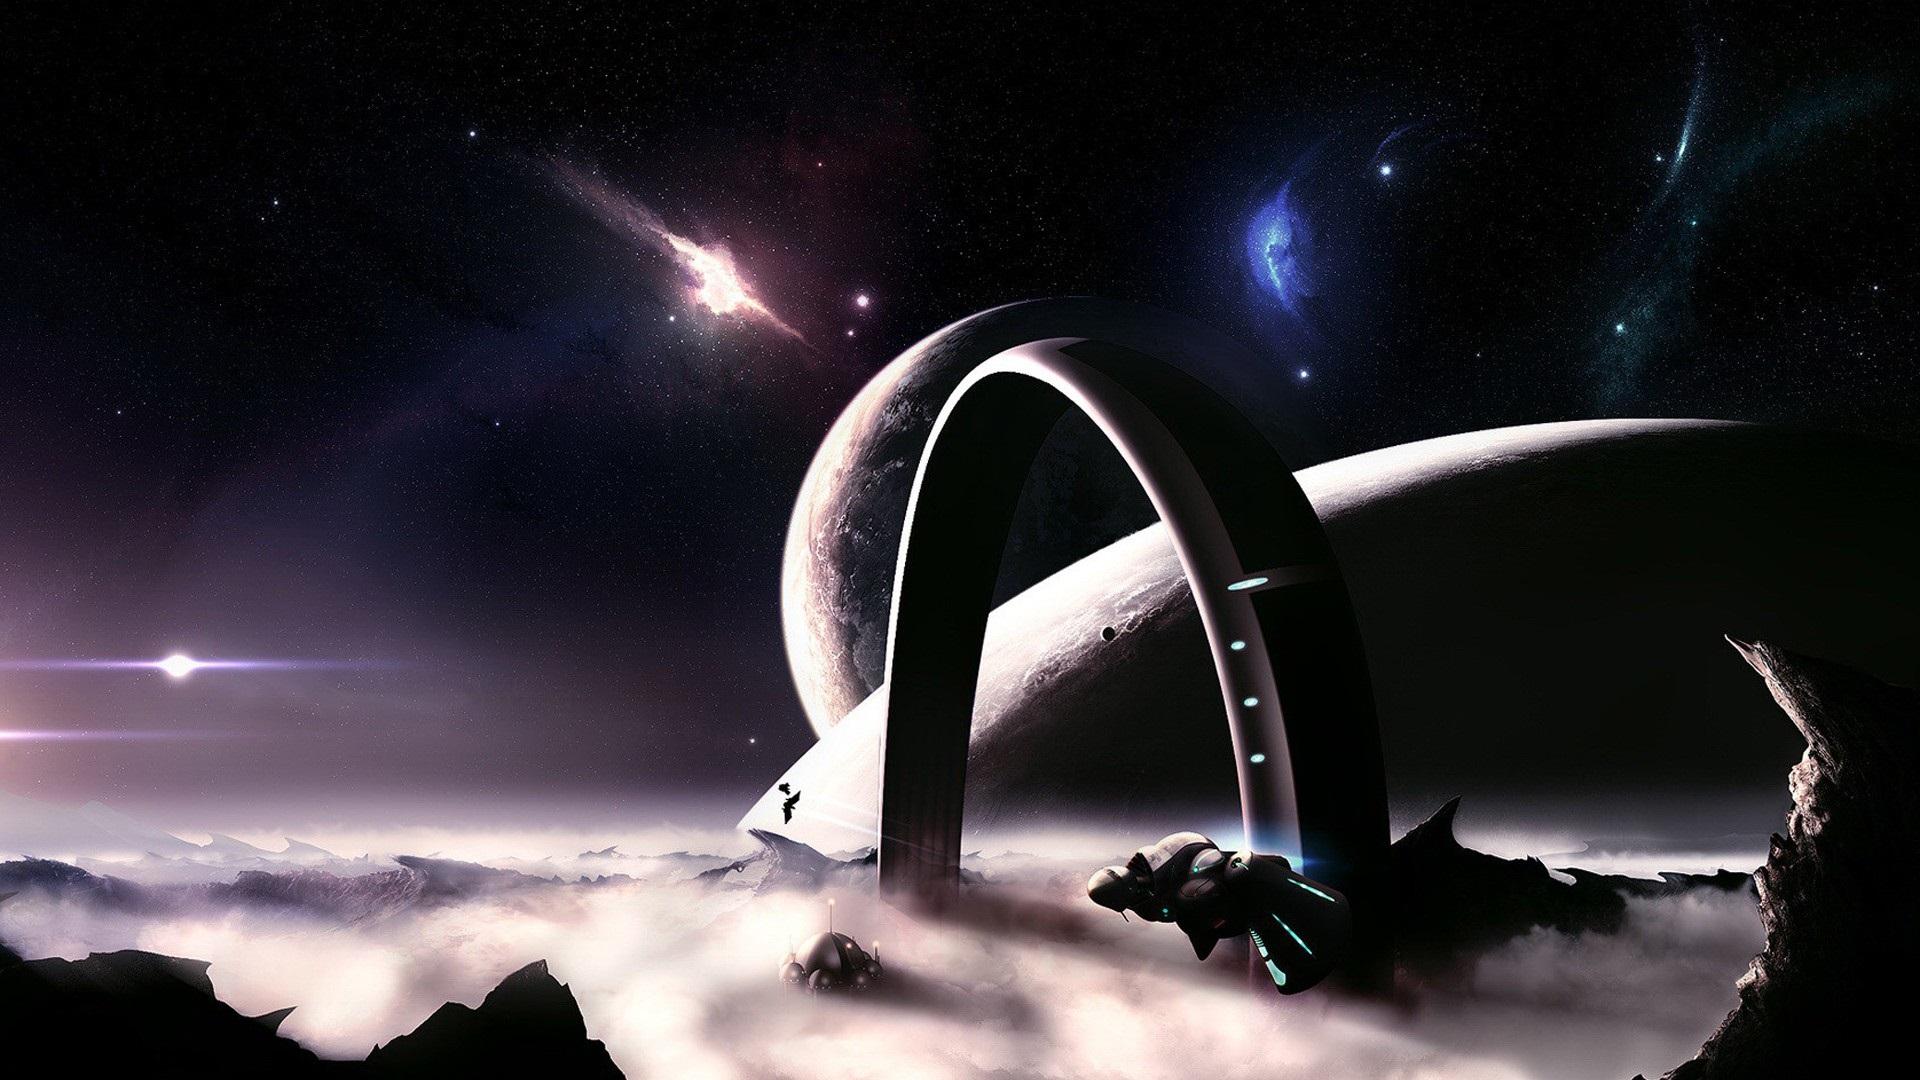 Fonds D Ecran Espace Planete Lune Vaisseau Spatial 1920x1080